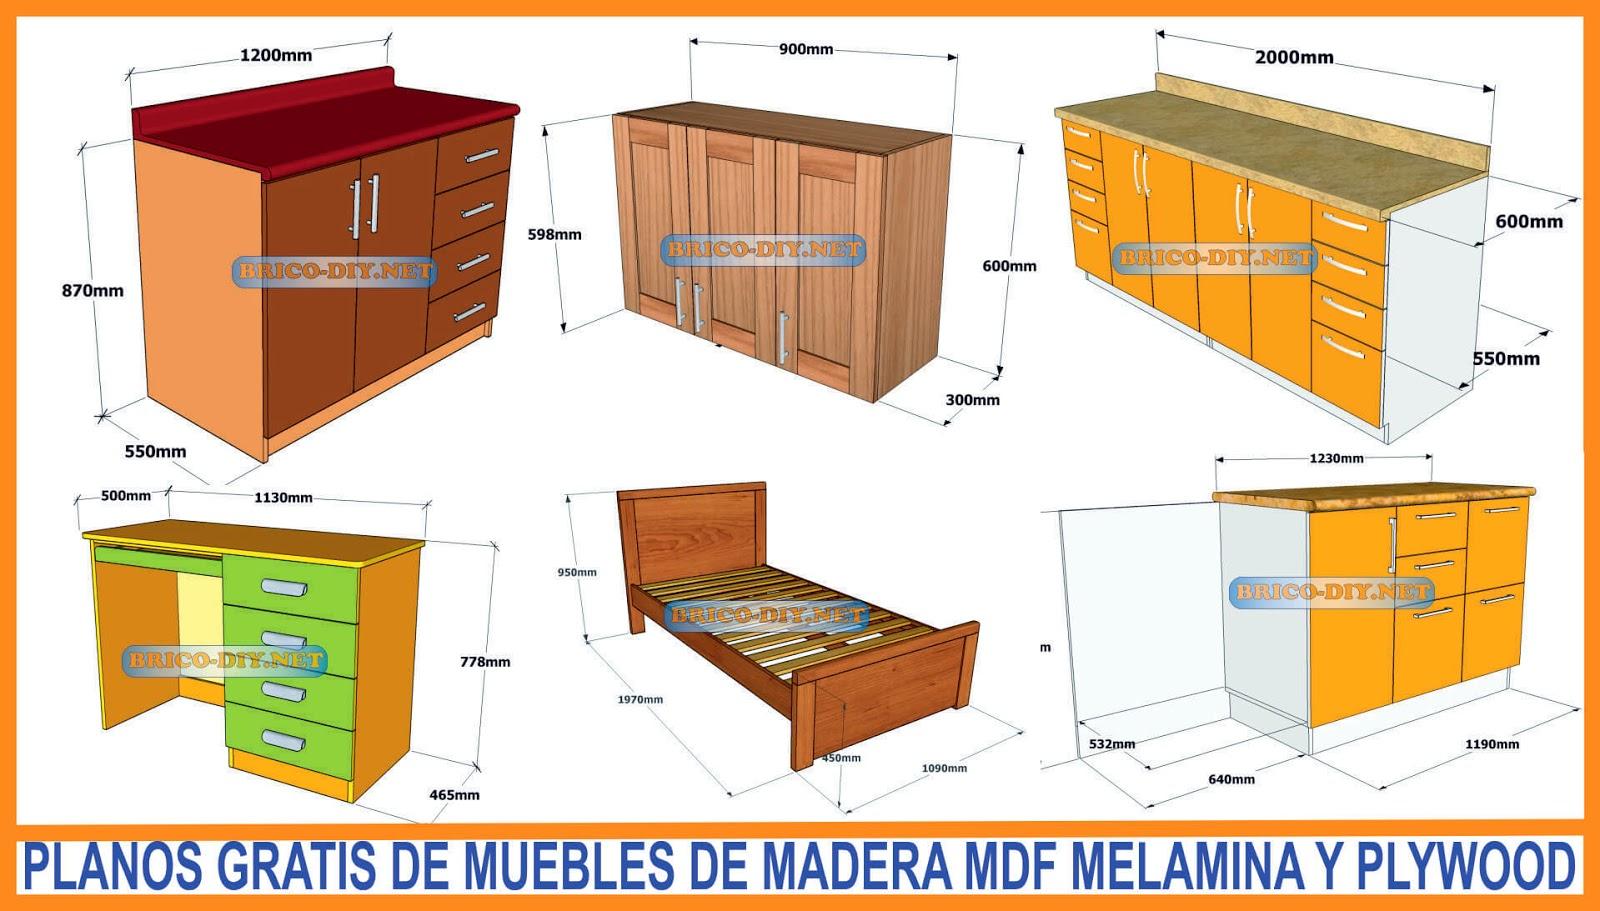 bricolaje diy planos gratis como hacer muebles de melamina